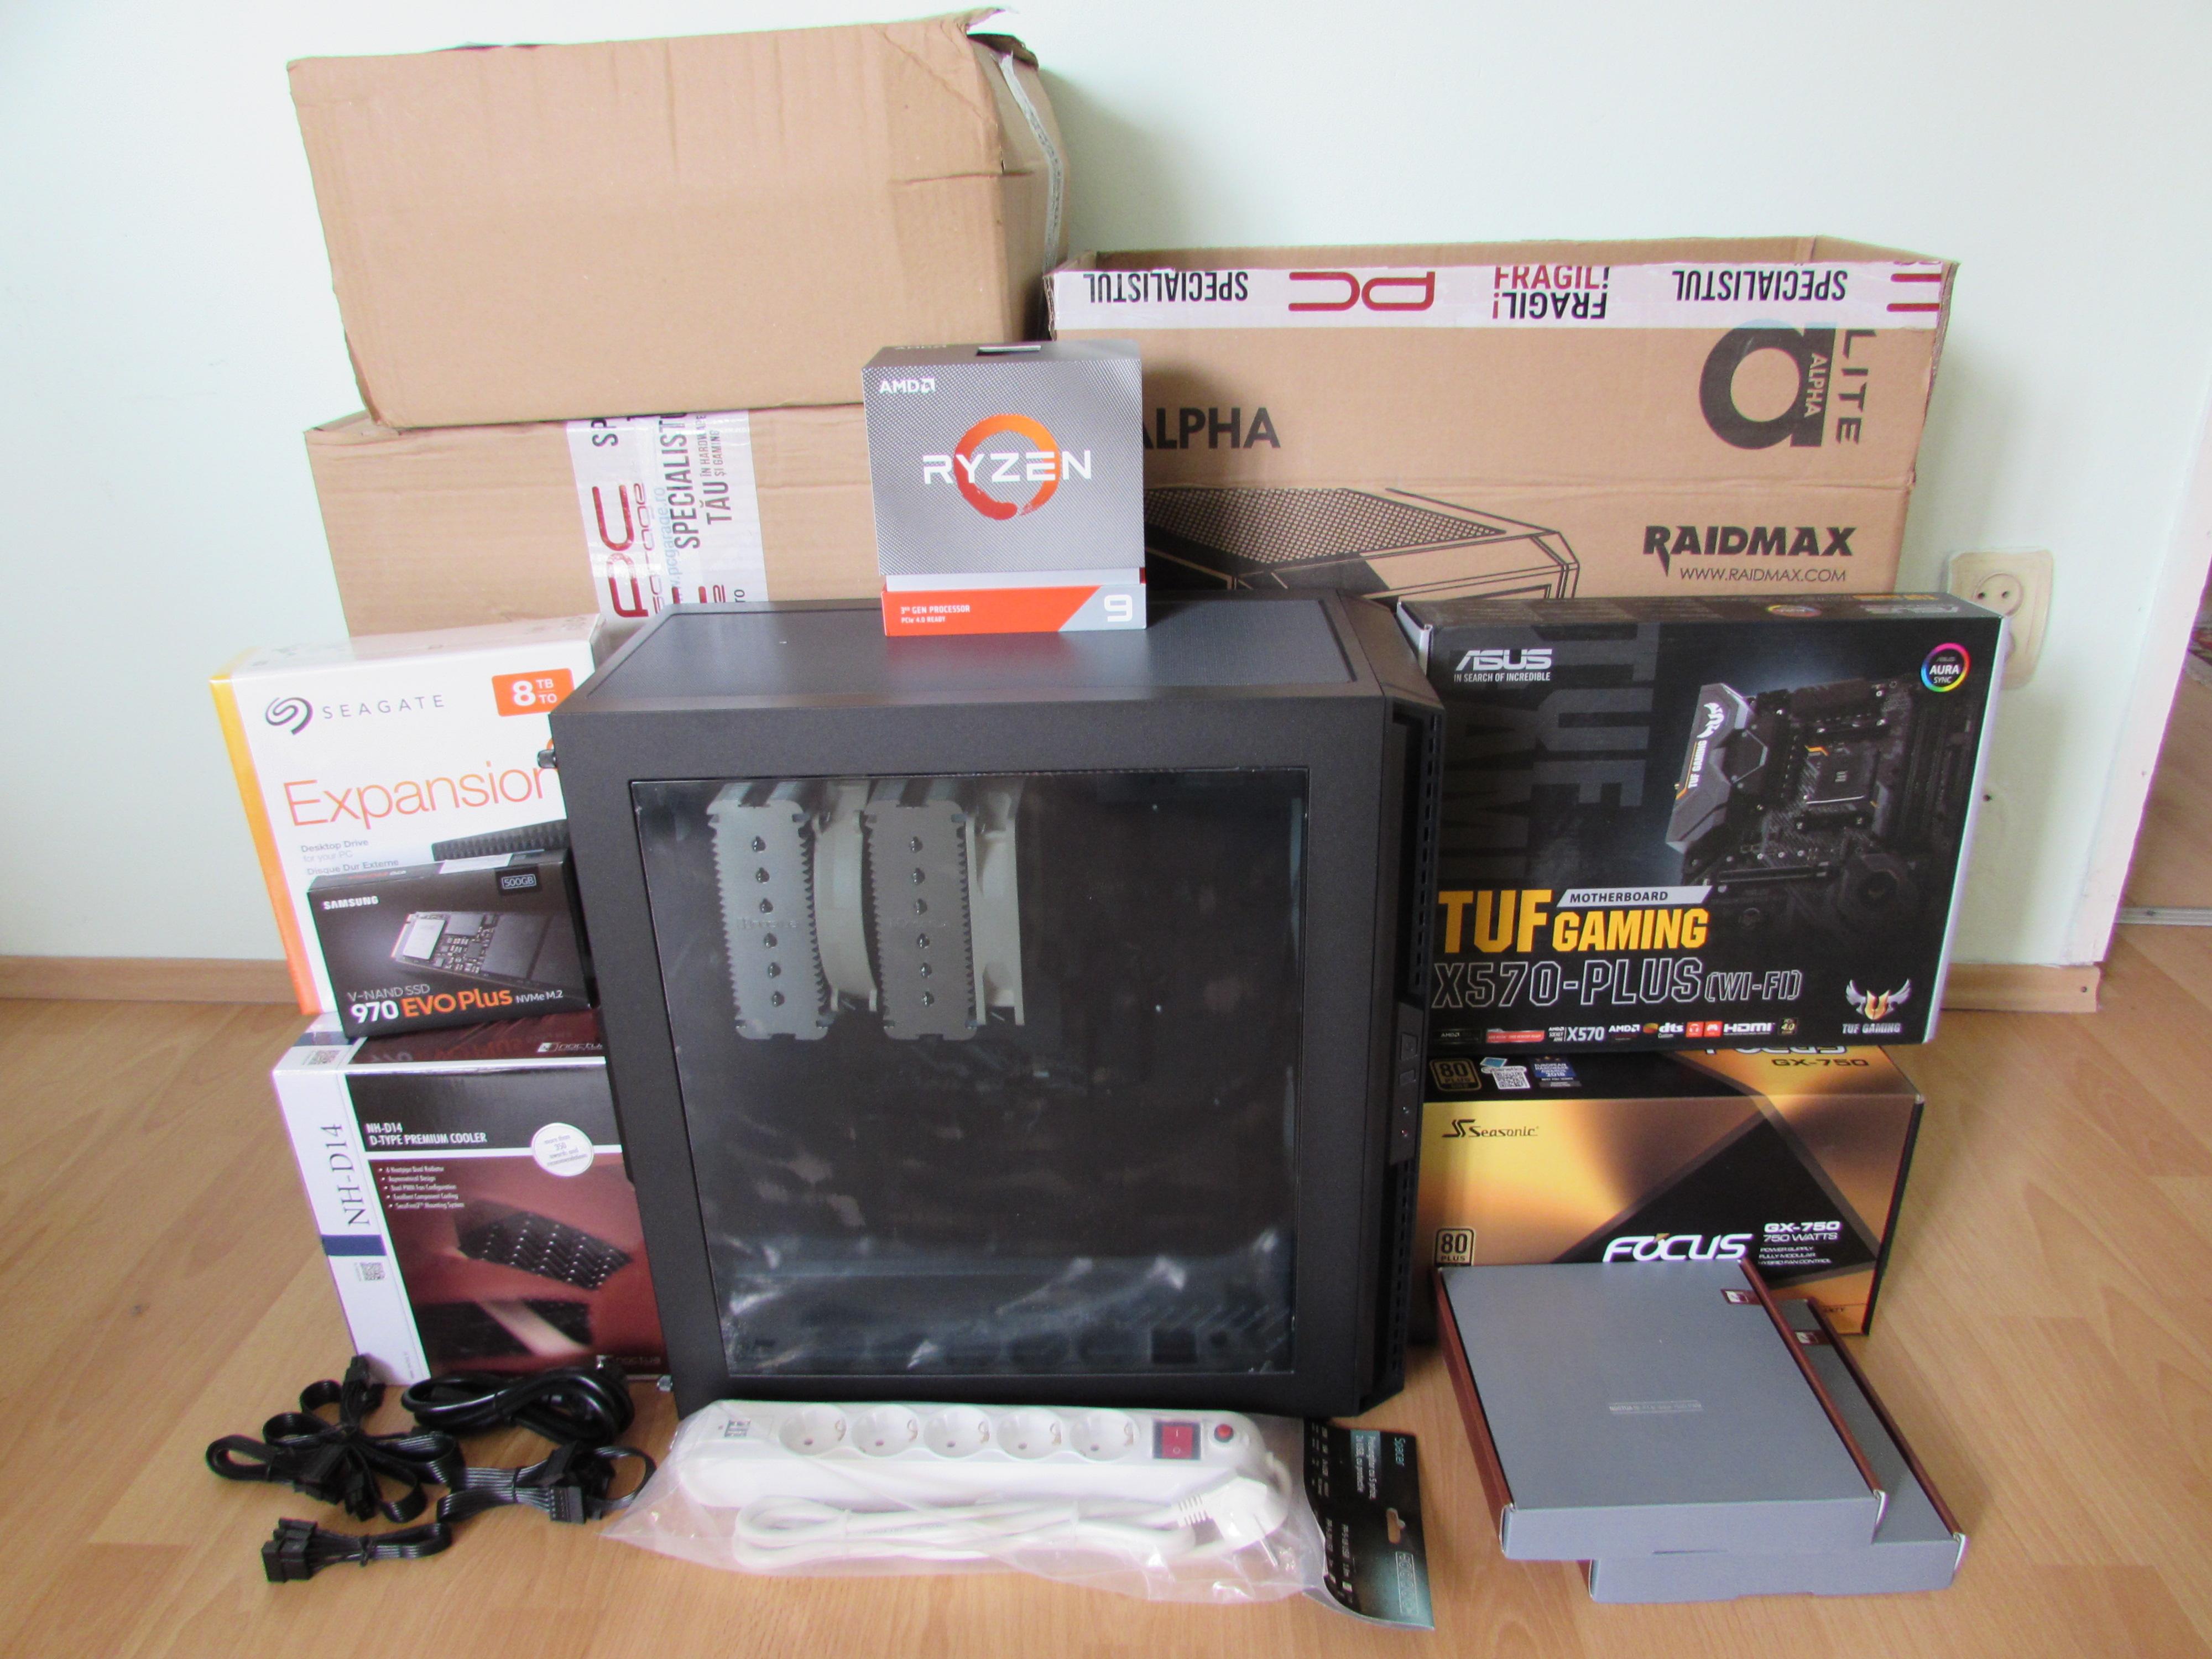 Ryzen 9 computer